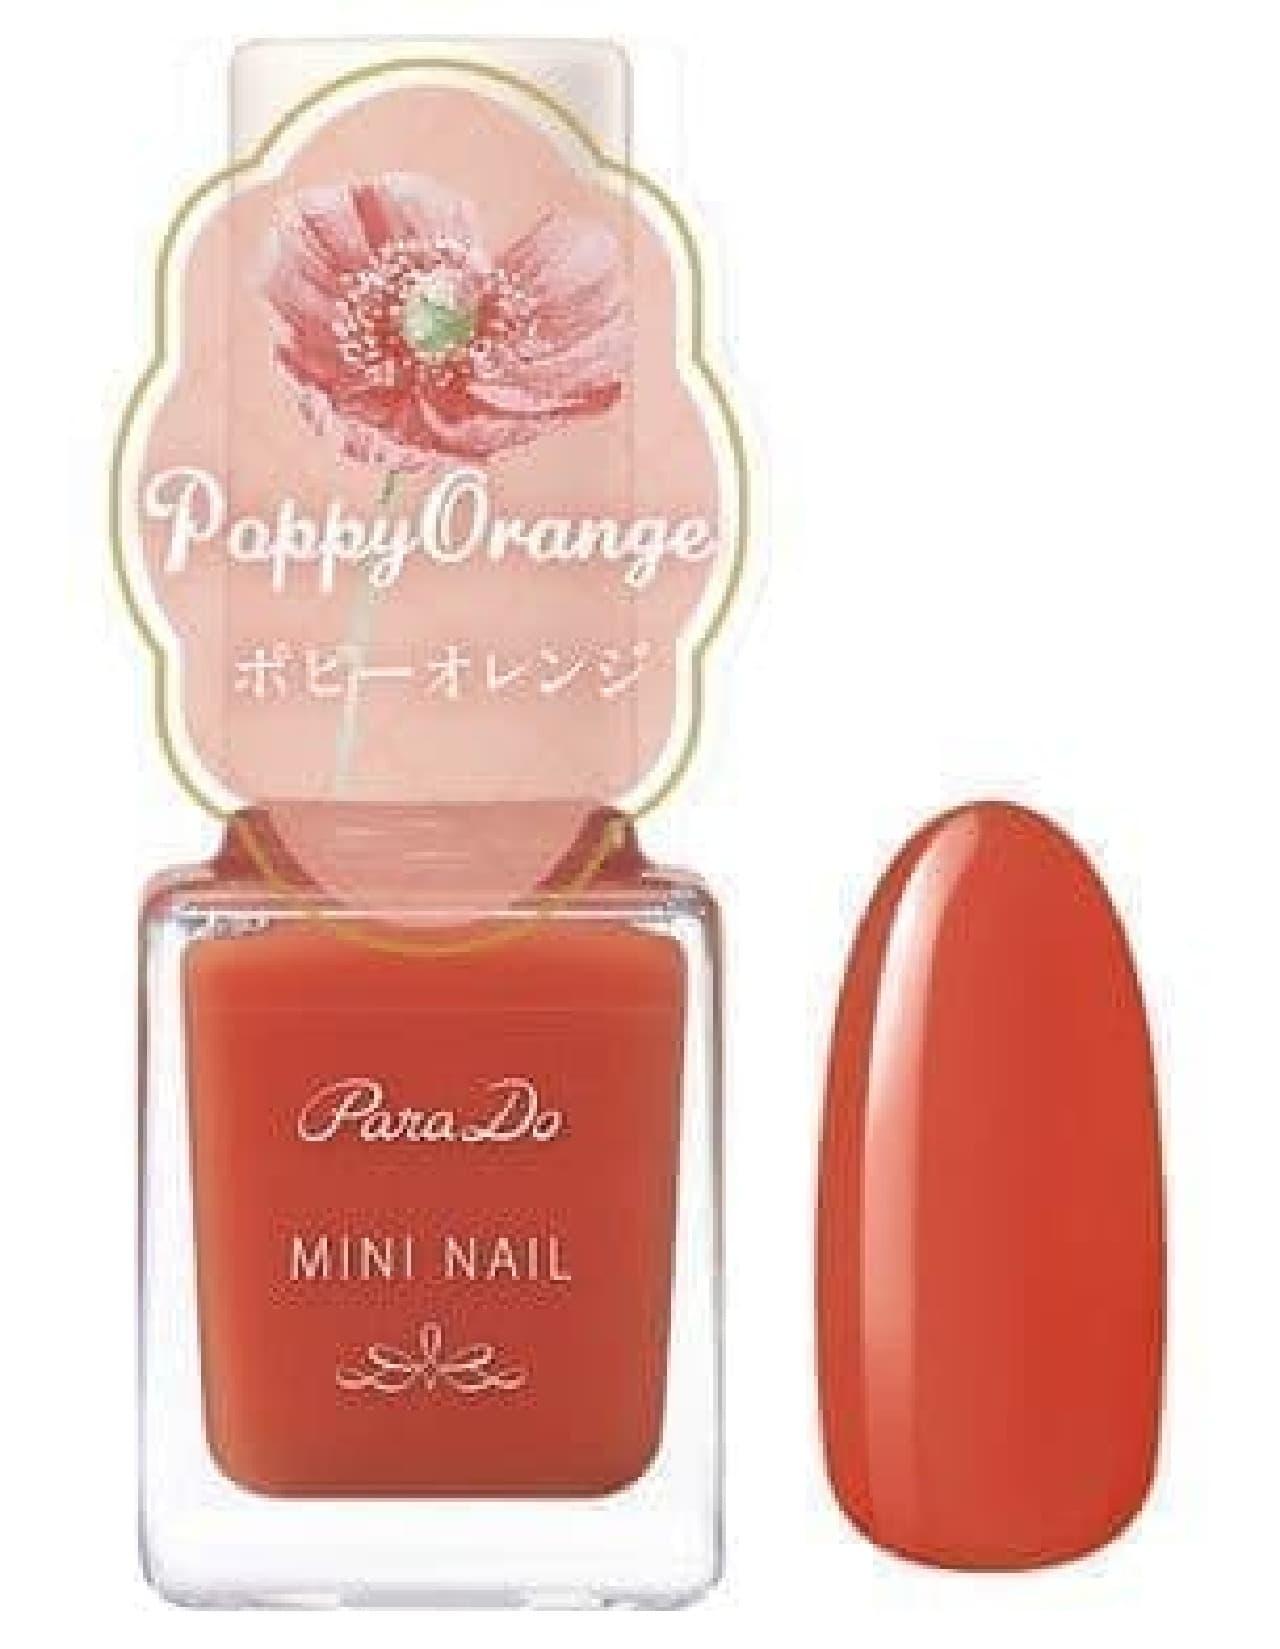 「パラドゥ ミニネイル」の2021年春夏限定カラーOR02 ポピーオレンジ